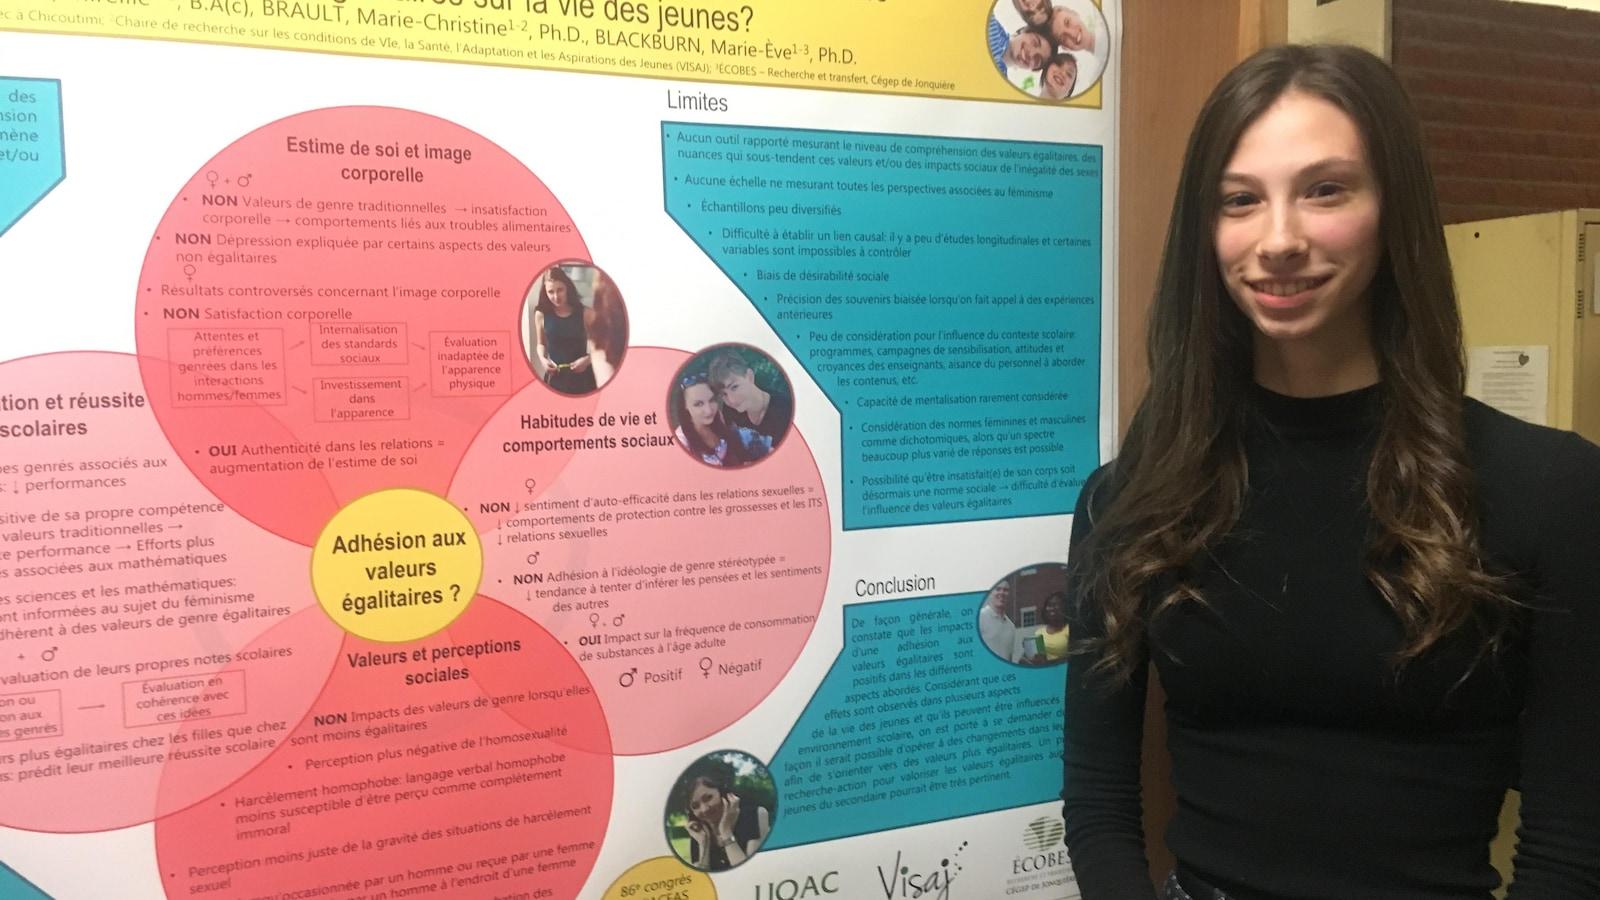 Mireille Jean devant l'affiche explicative de sa recherche.